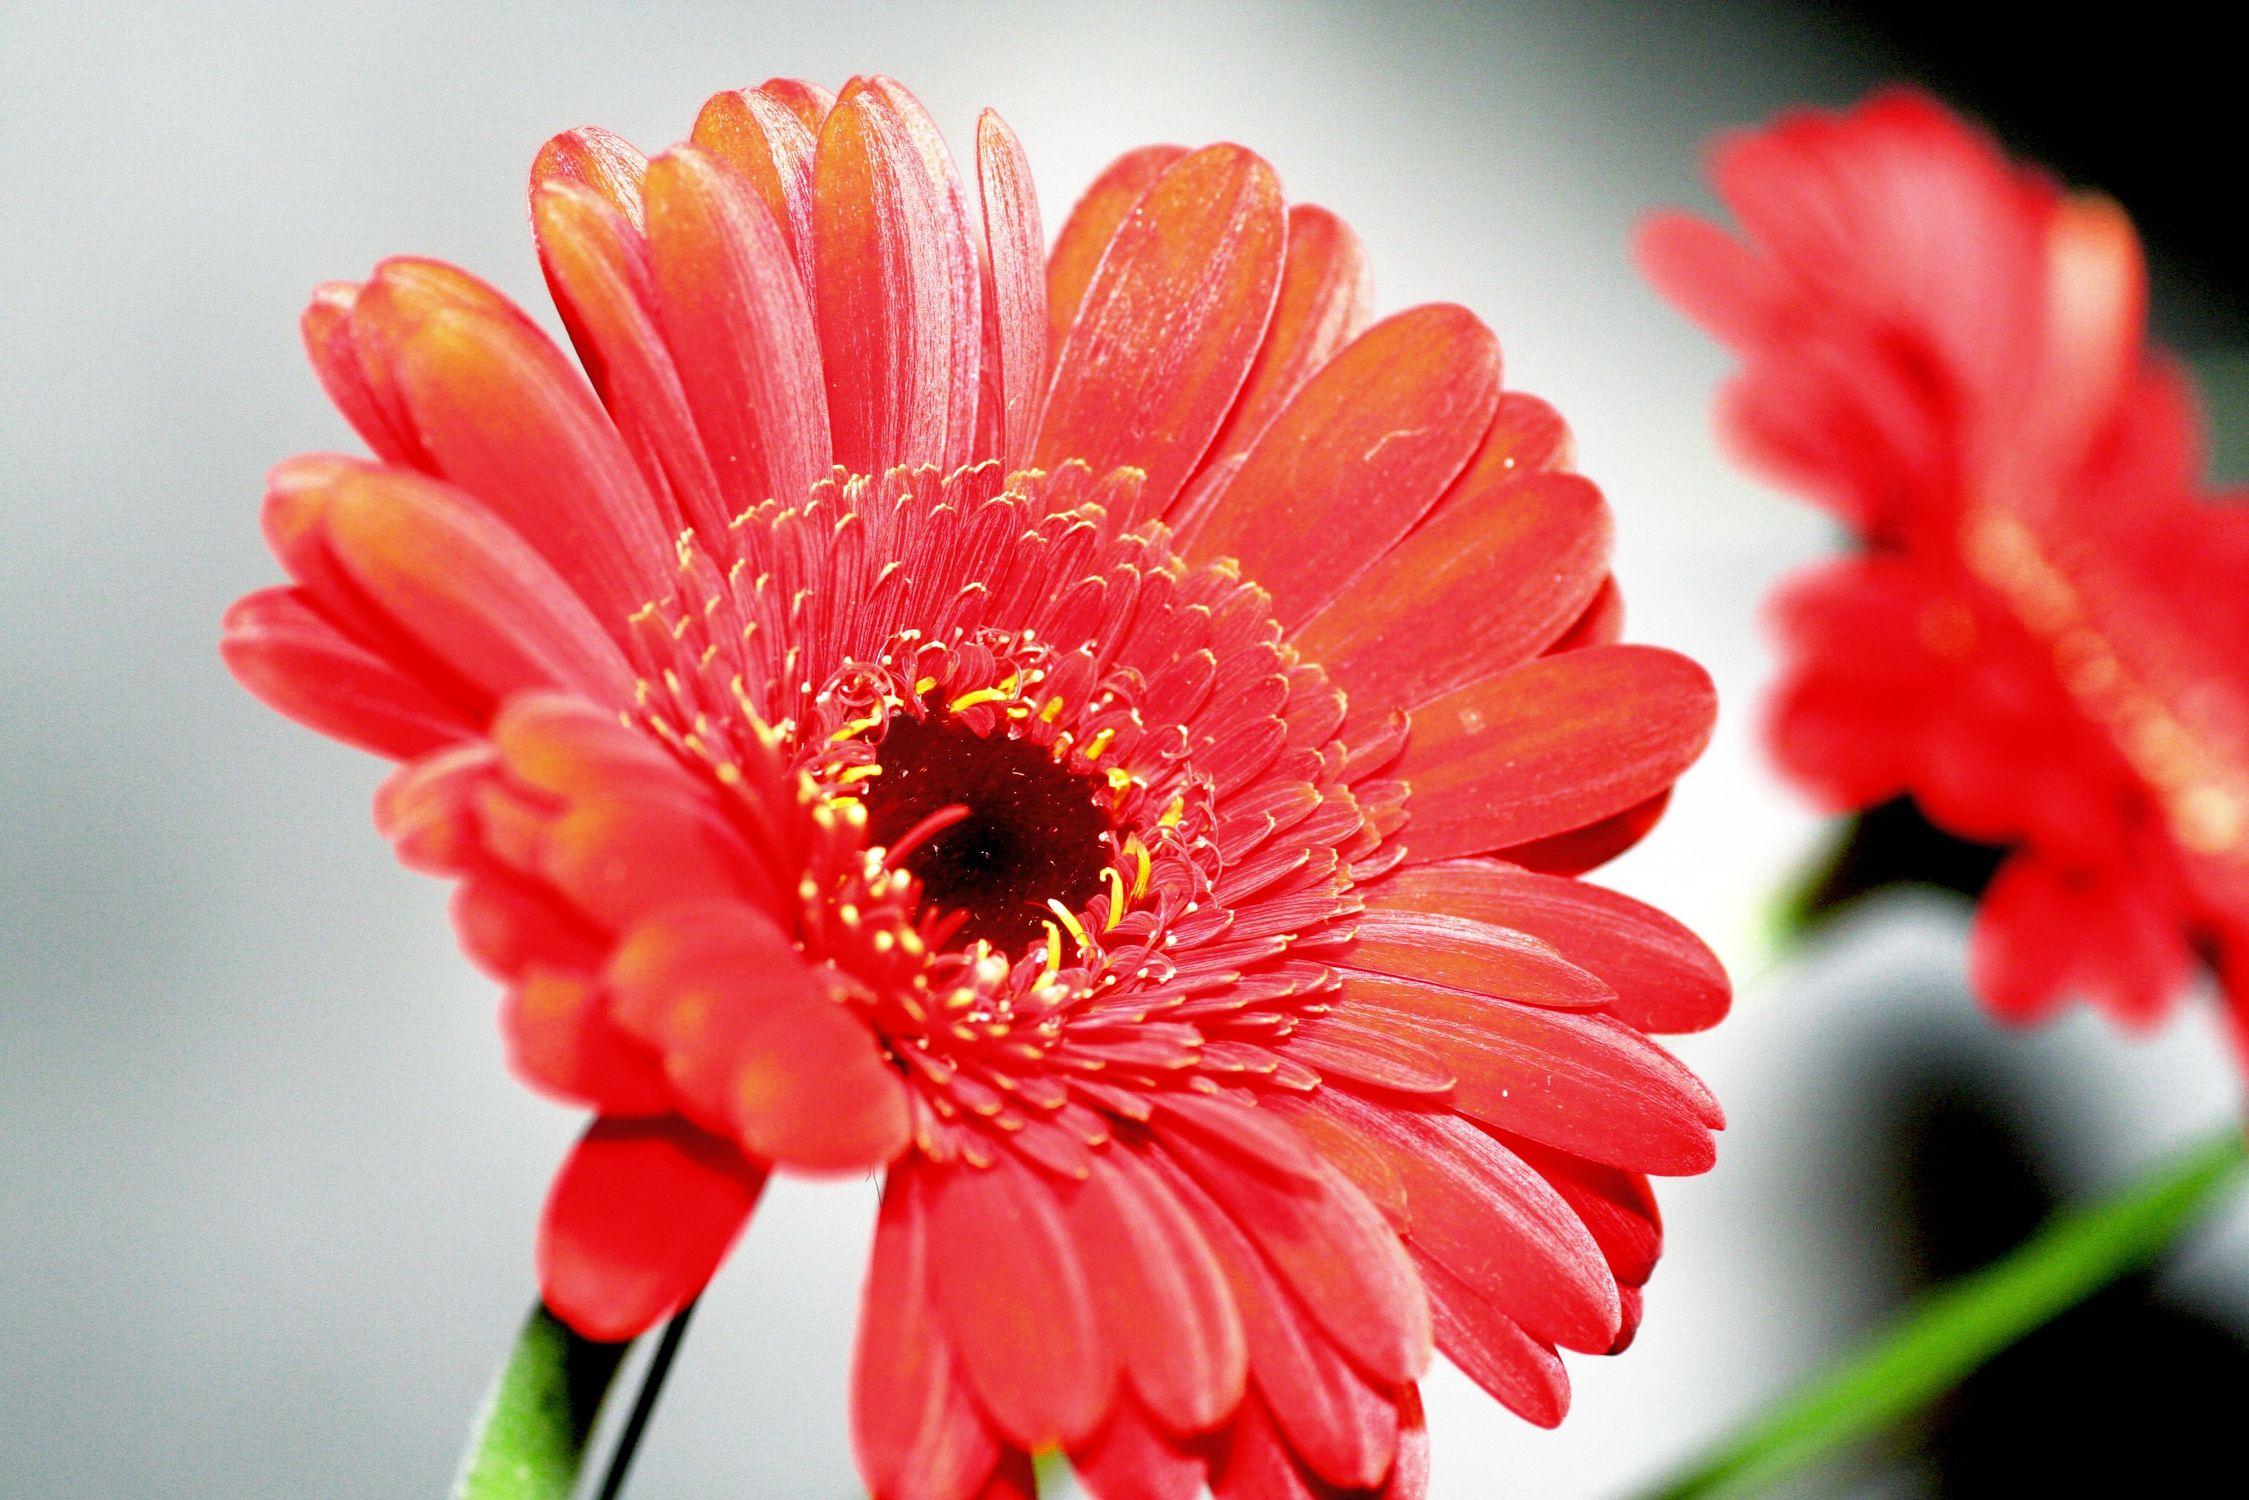 Bild mit Farben, Orange, Gegenstände, Natur, Pflanzen, Früchte, Blumen, Pfirsiche, Rosa, Korbblütler, Gerberas, Blume, Pflanze, Flower, Flowers, Gerbera, Schnittblume, rote Gerbera, rote Gerberas